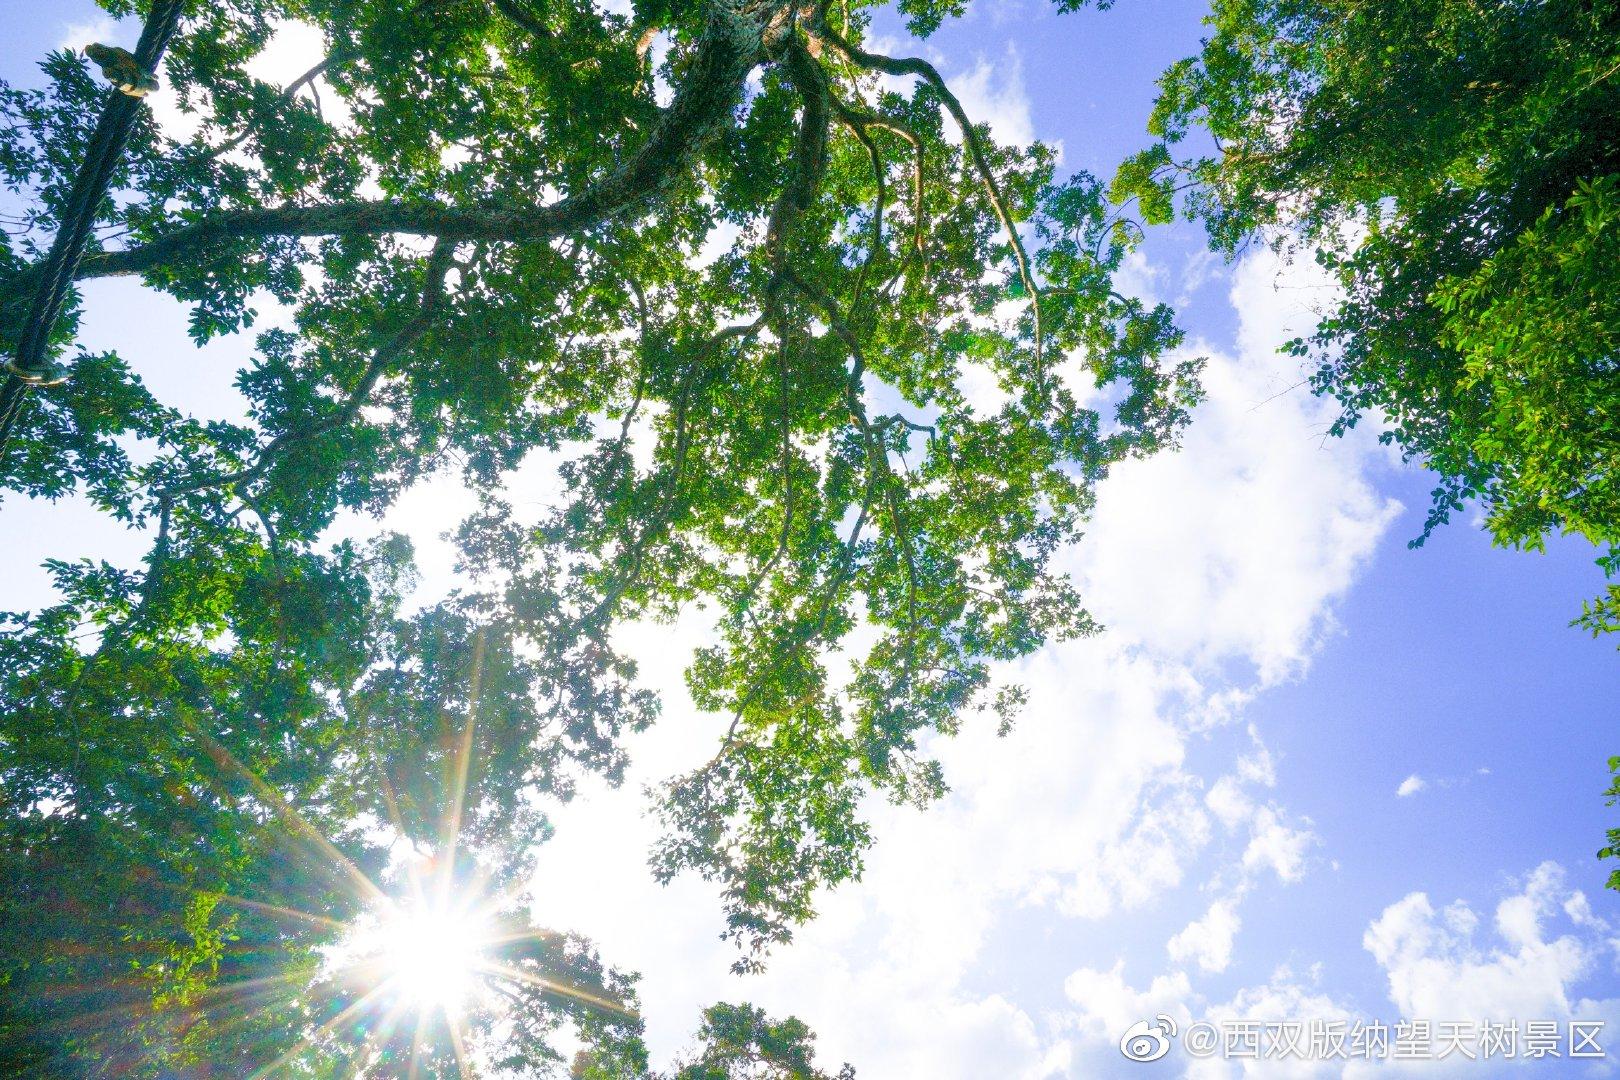 夏至已至 记忆里夏天的样子